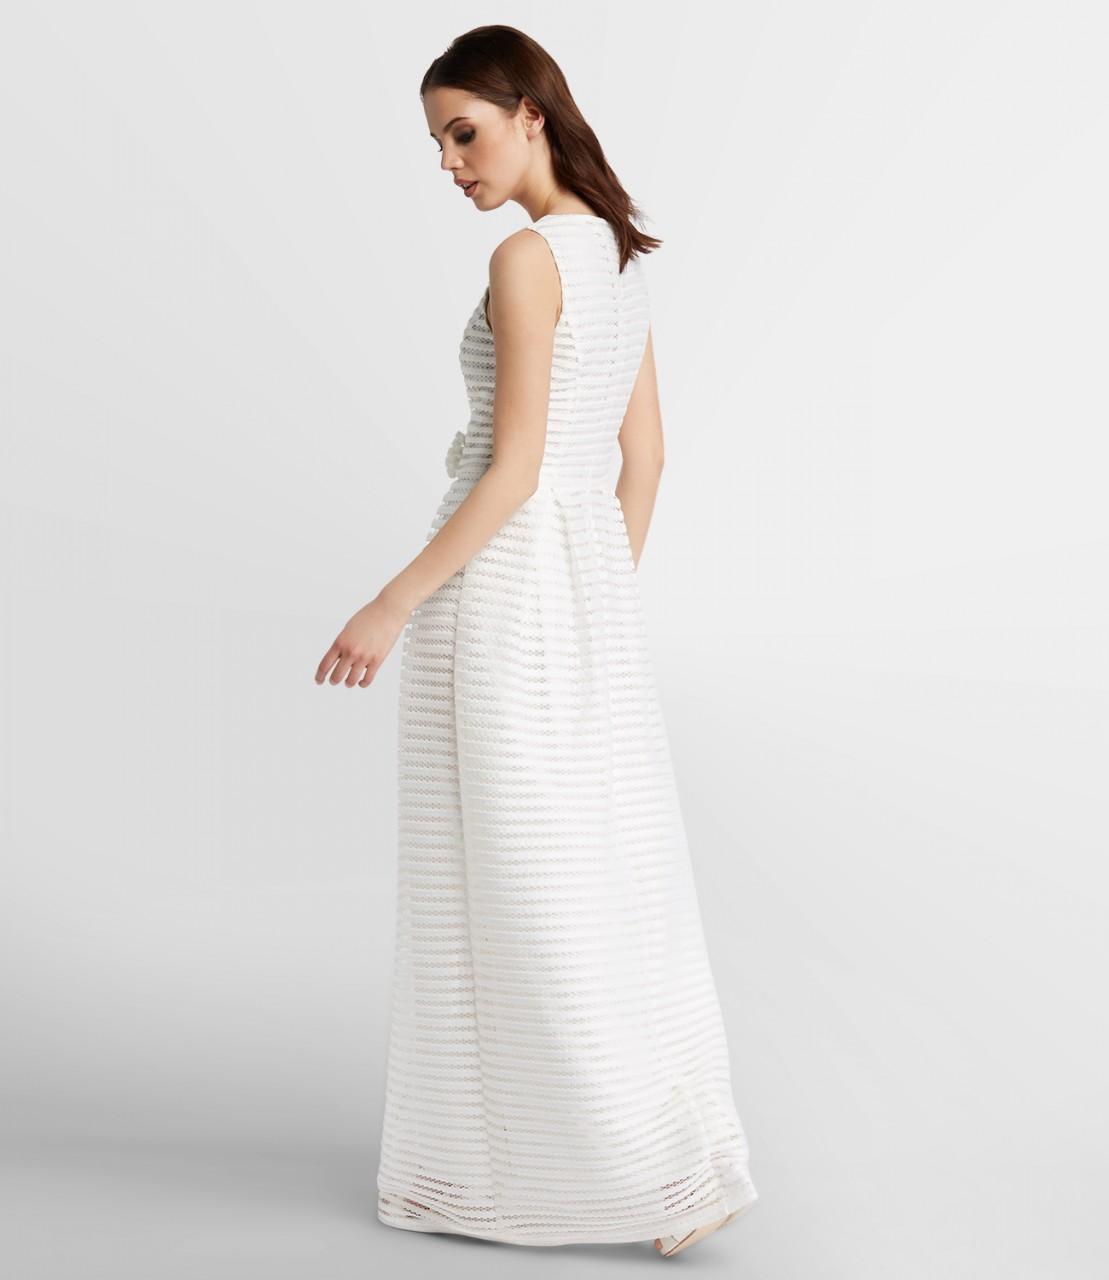 Visuell gestreiftes Hochzeitskleid